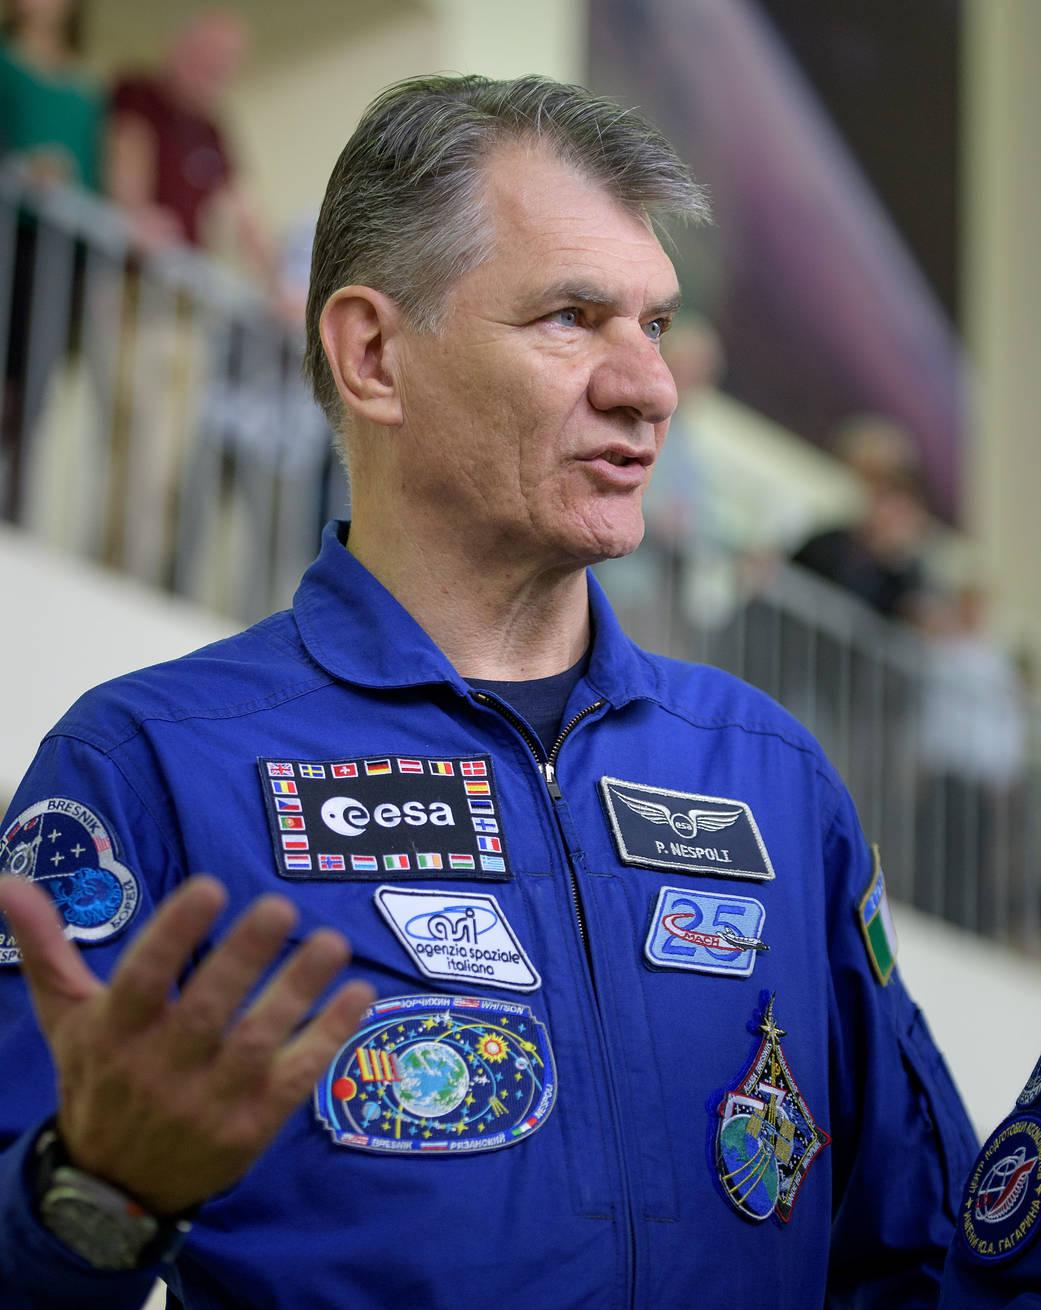 Expedition 52 flight engineer Paolo Nespoli of ESA